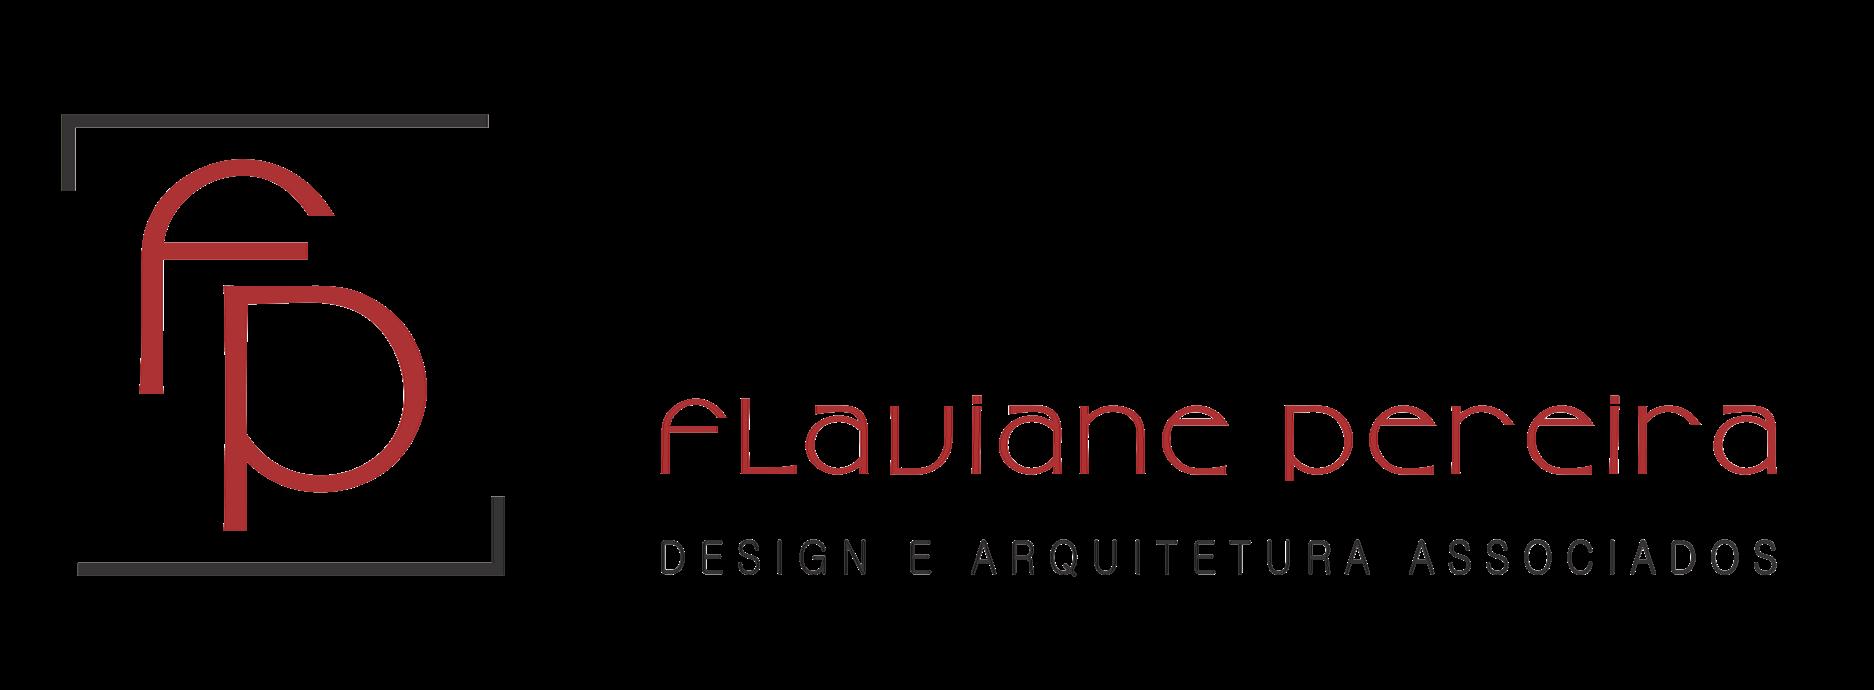 Flaviane Pereira Arquitetura e Design Associados